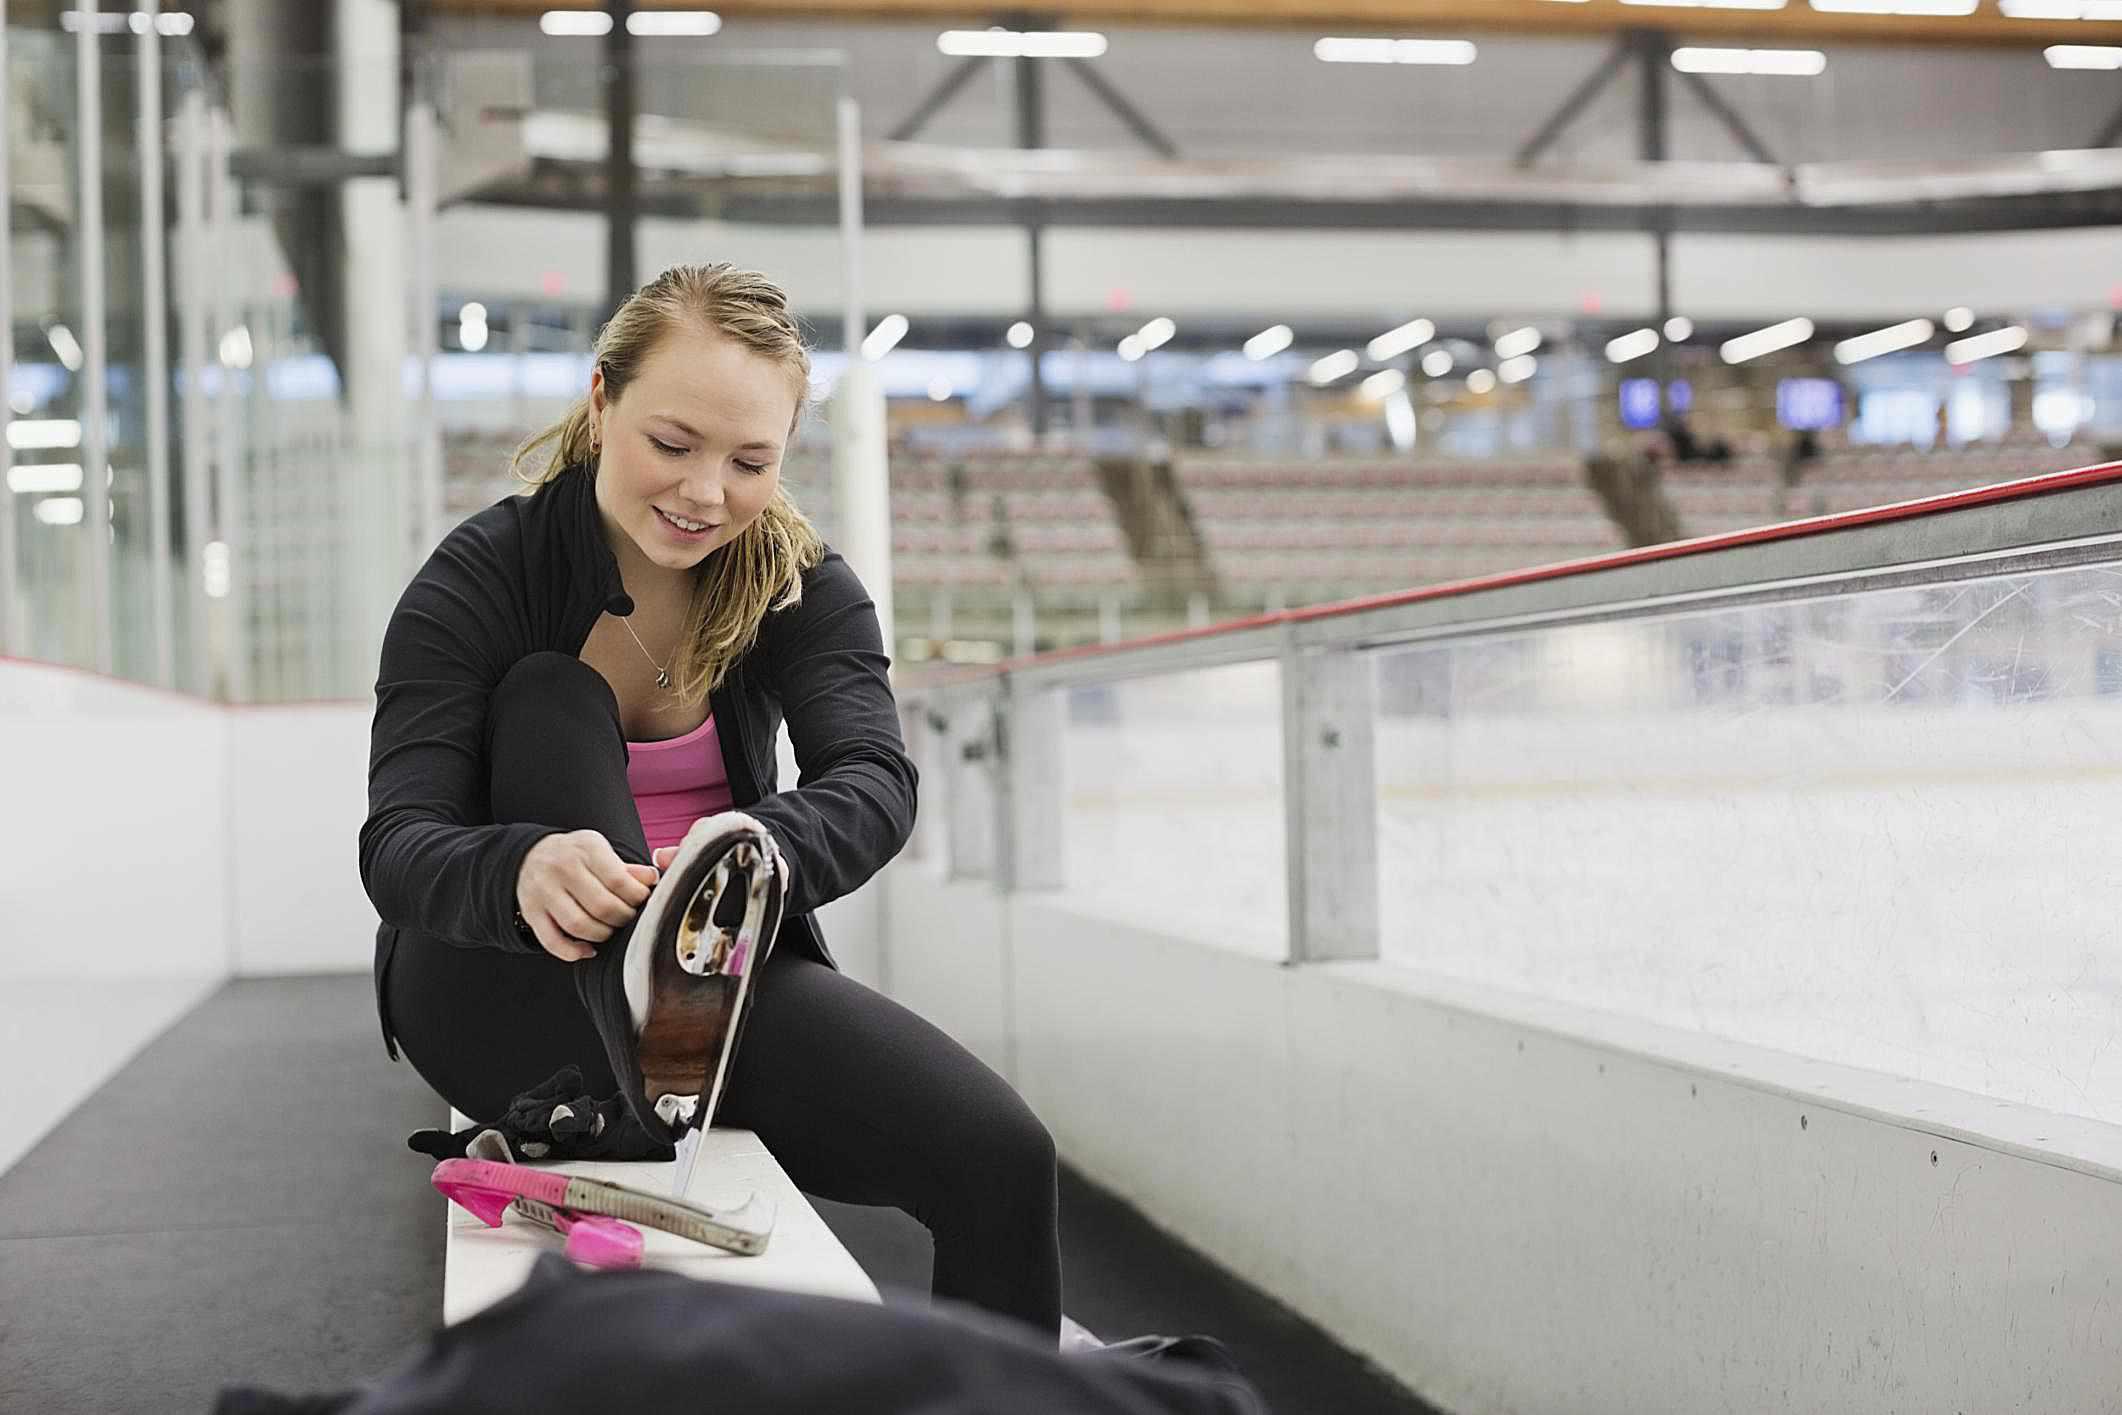 e7e800bc04c Female figure skater tying up skates in skating rink